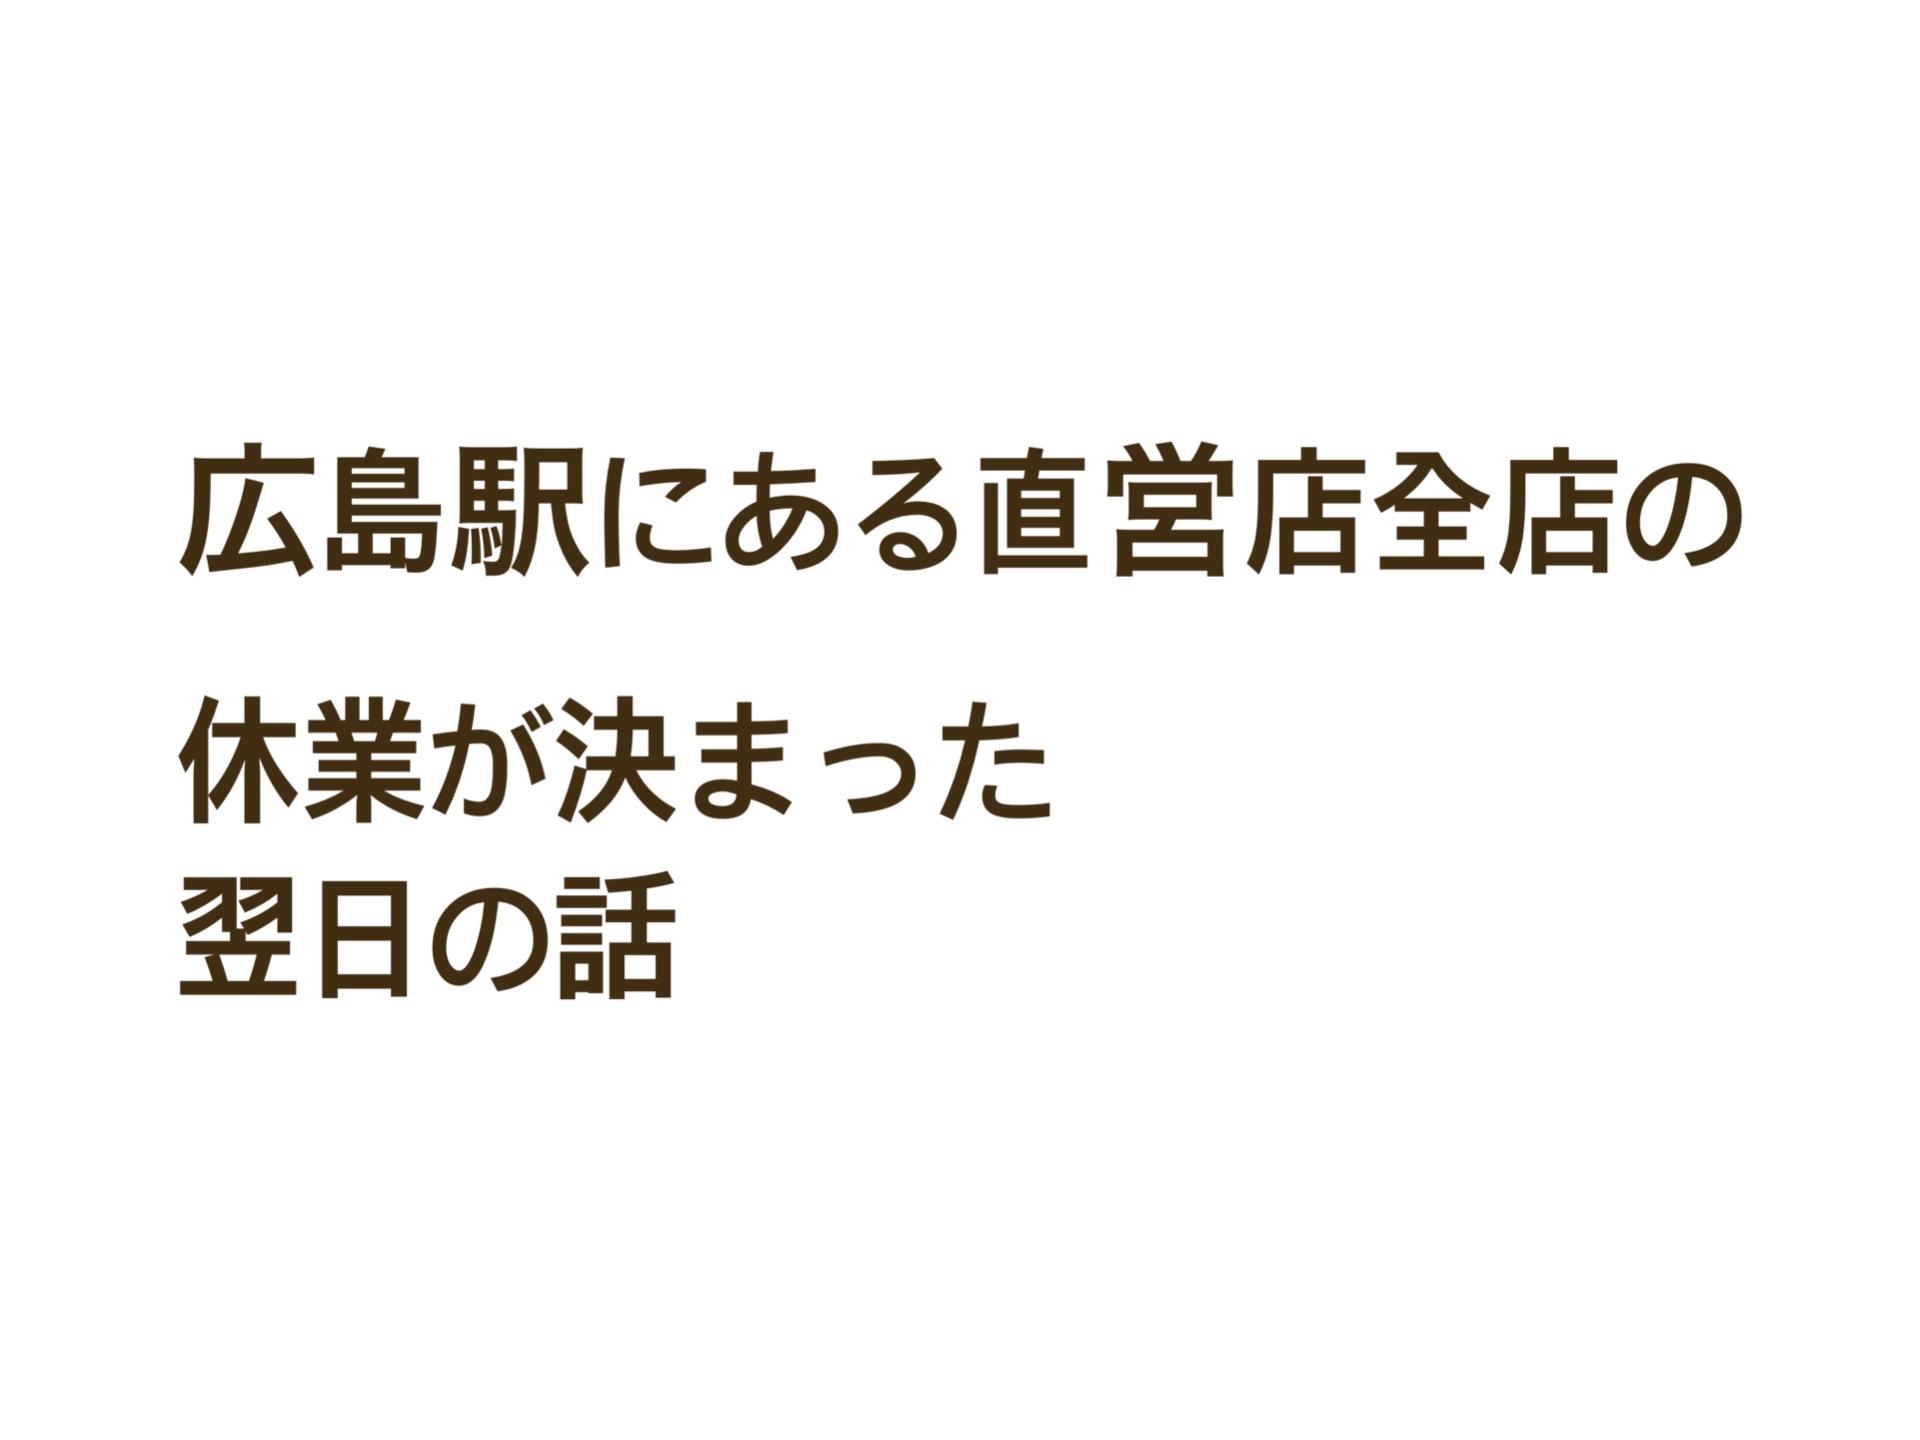 広島駅にある直営店全店の3週間休業が決まった翌日の話